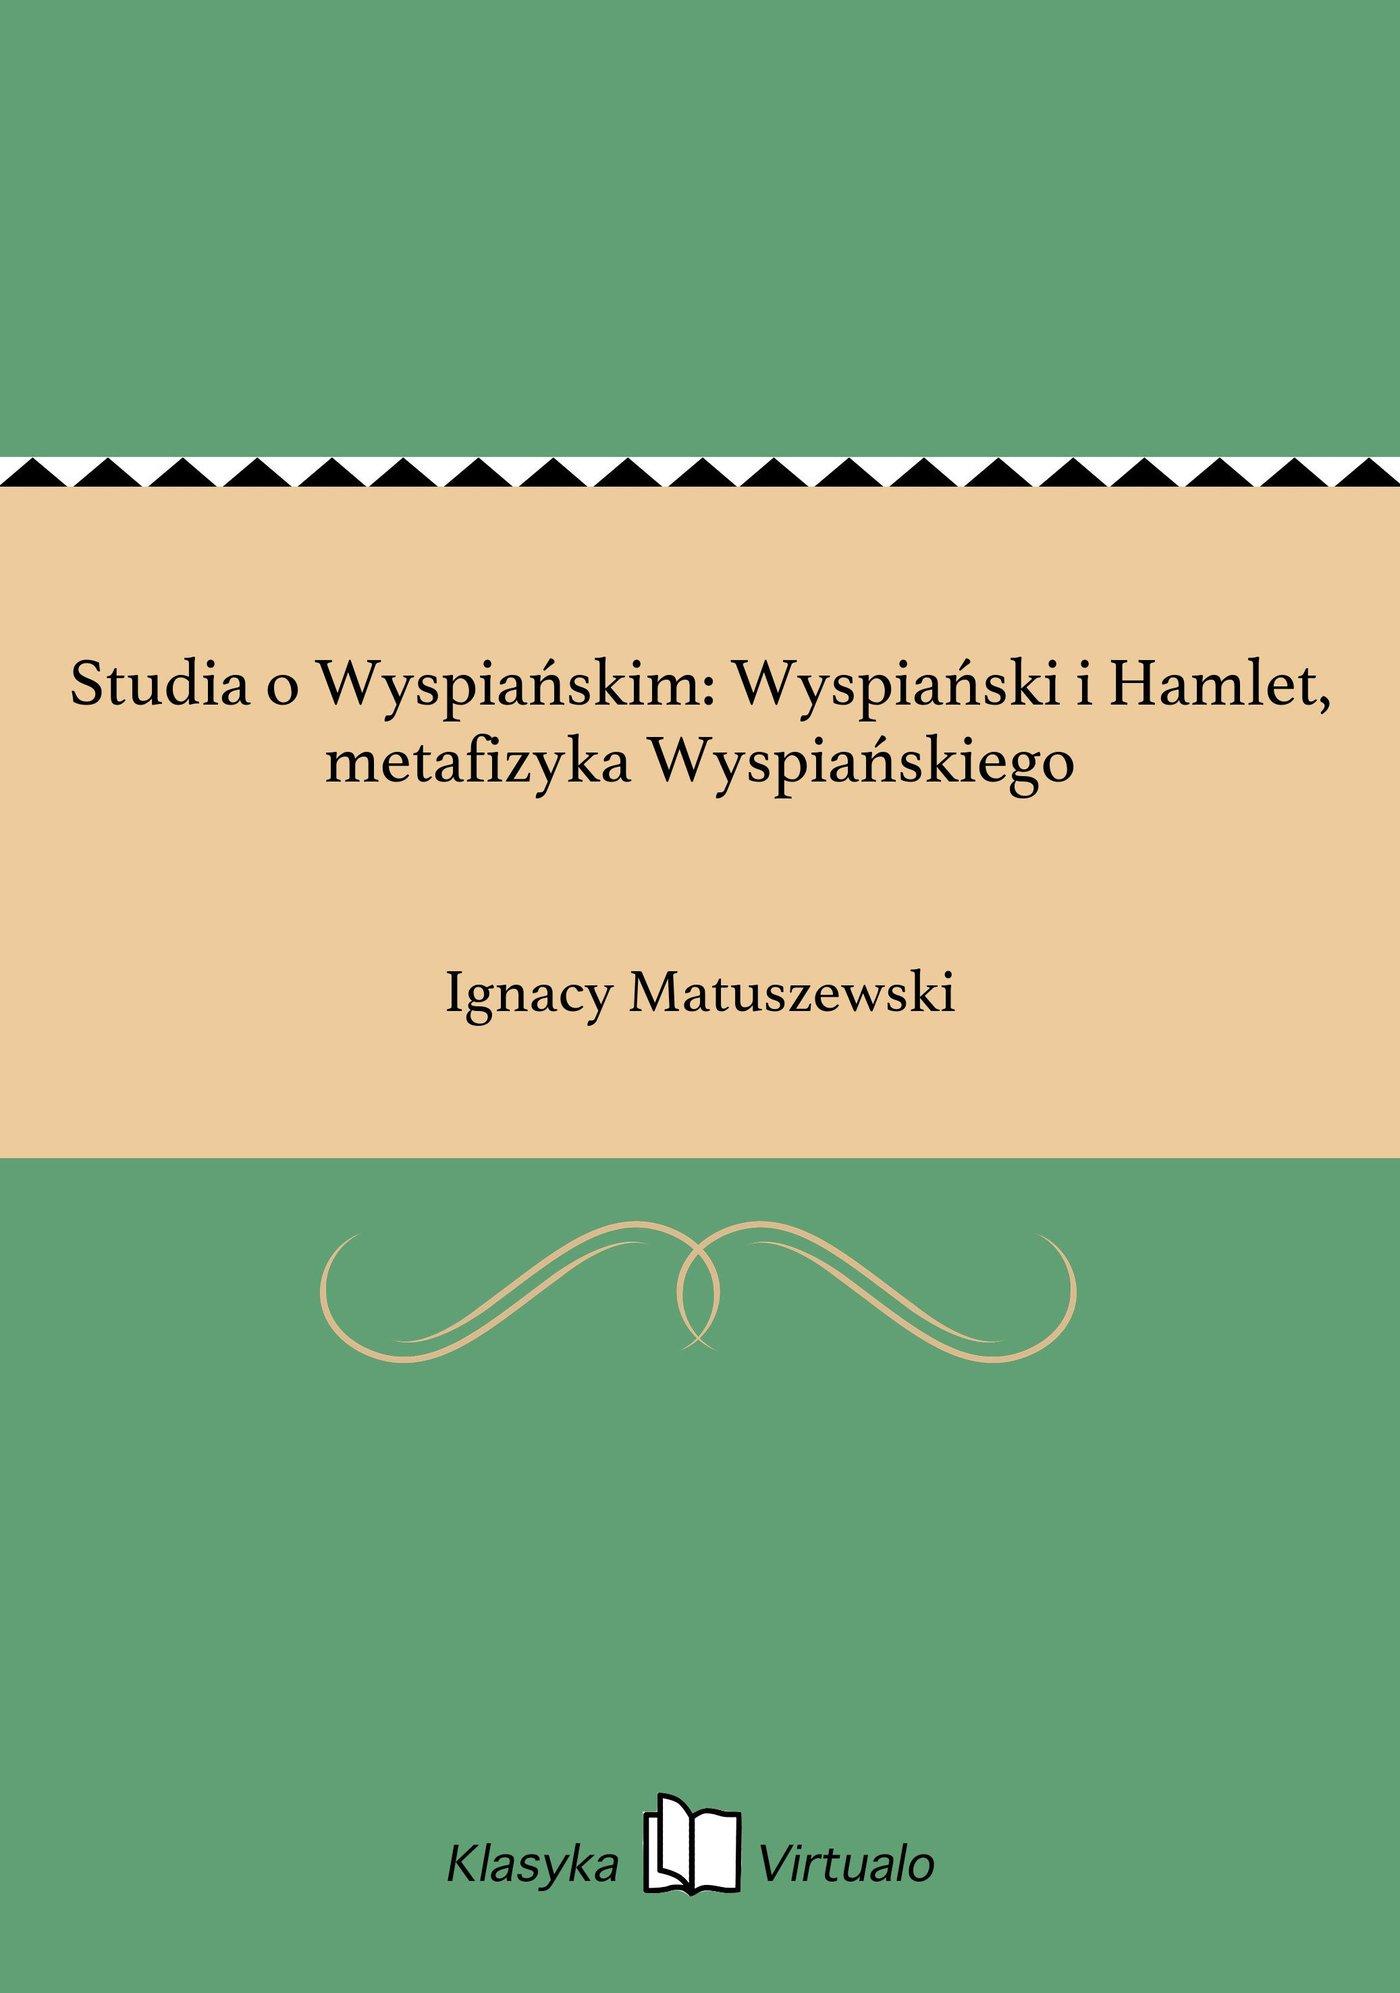 Studia o Wyspiańskim: Wyspiański i Hamlet, metafizyka Wyspiańskiego - Ebook (Książka EPUB) do pobrania w formacie EPUB